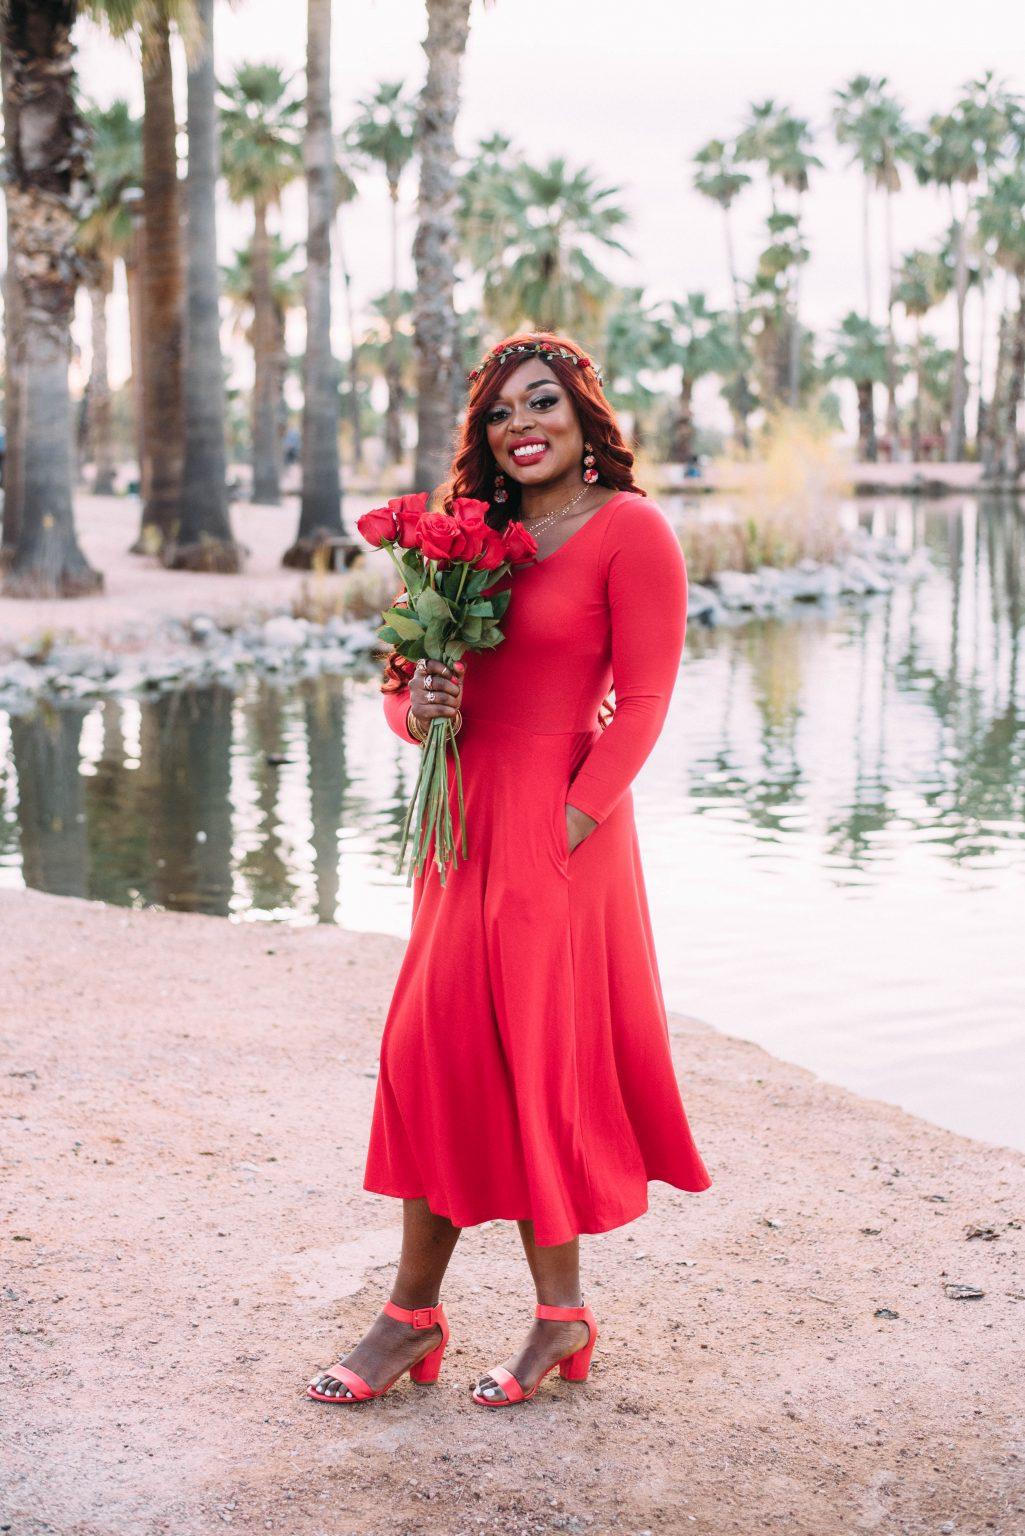 Summer * 2019 - Afi Like Taffy - Fashion & Lifestyle Blog Based In Phoenix, AZ